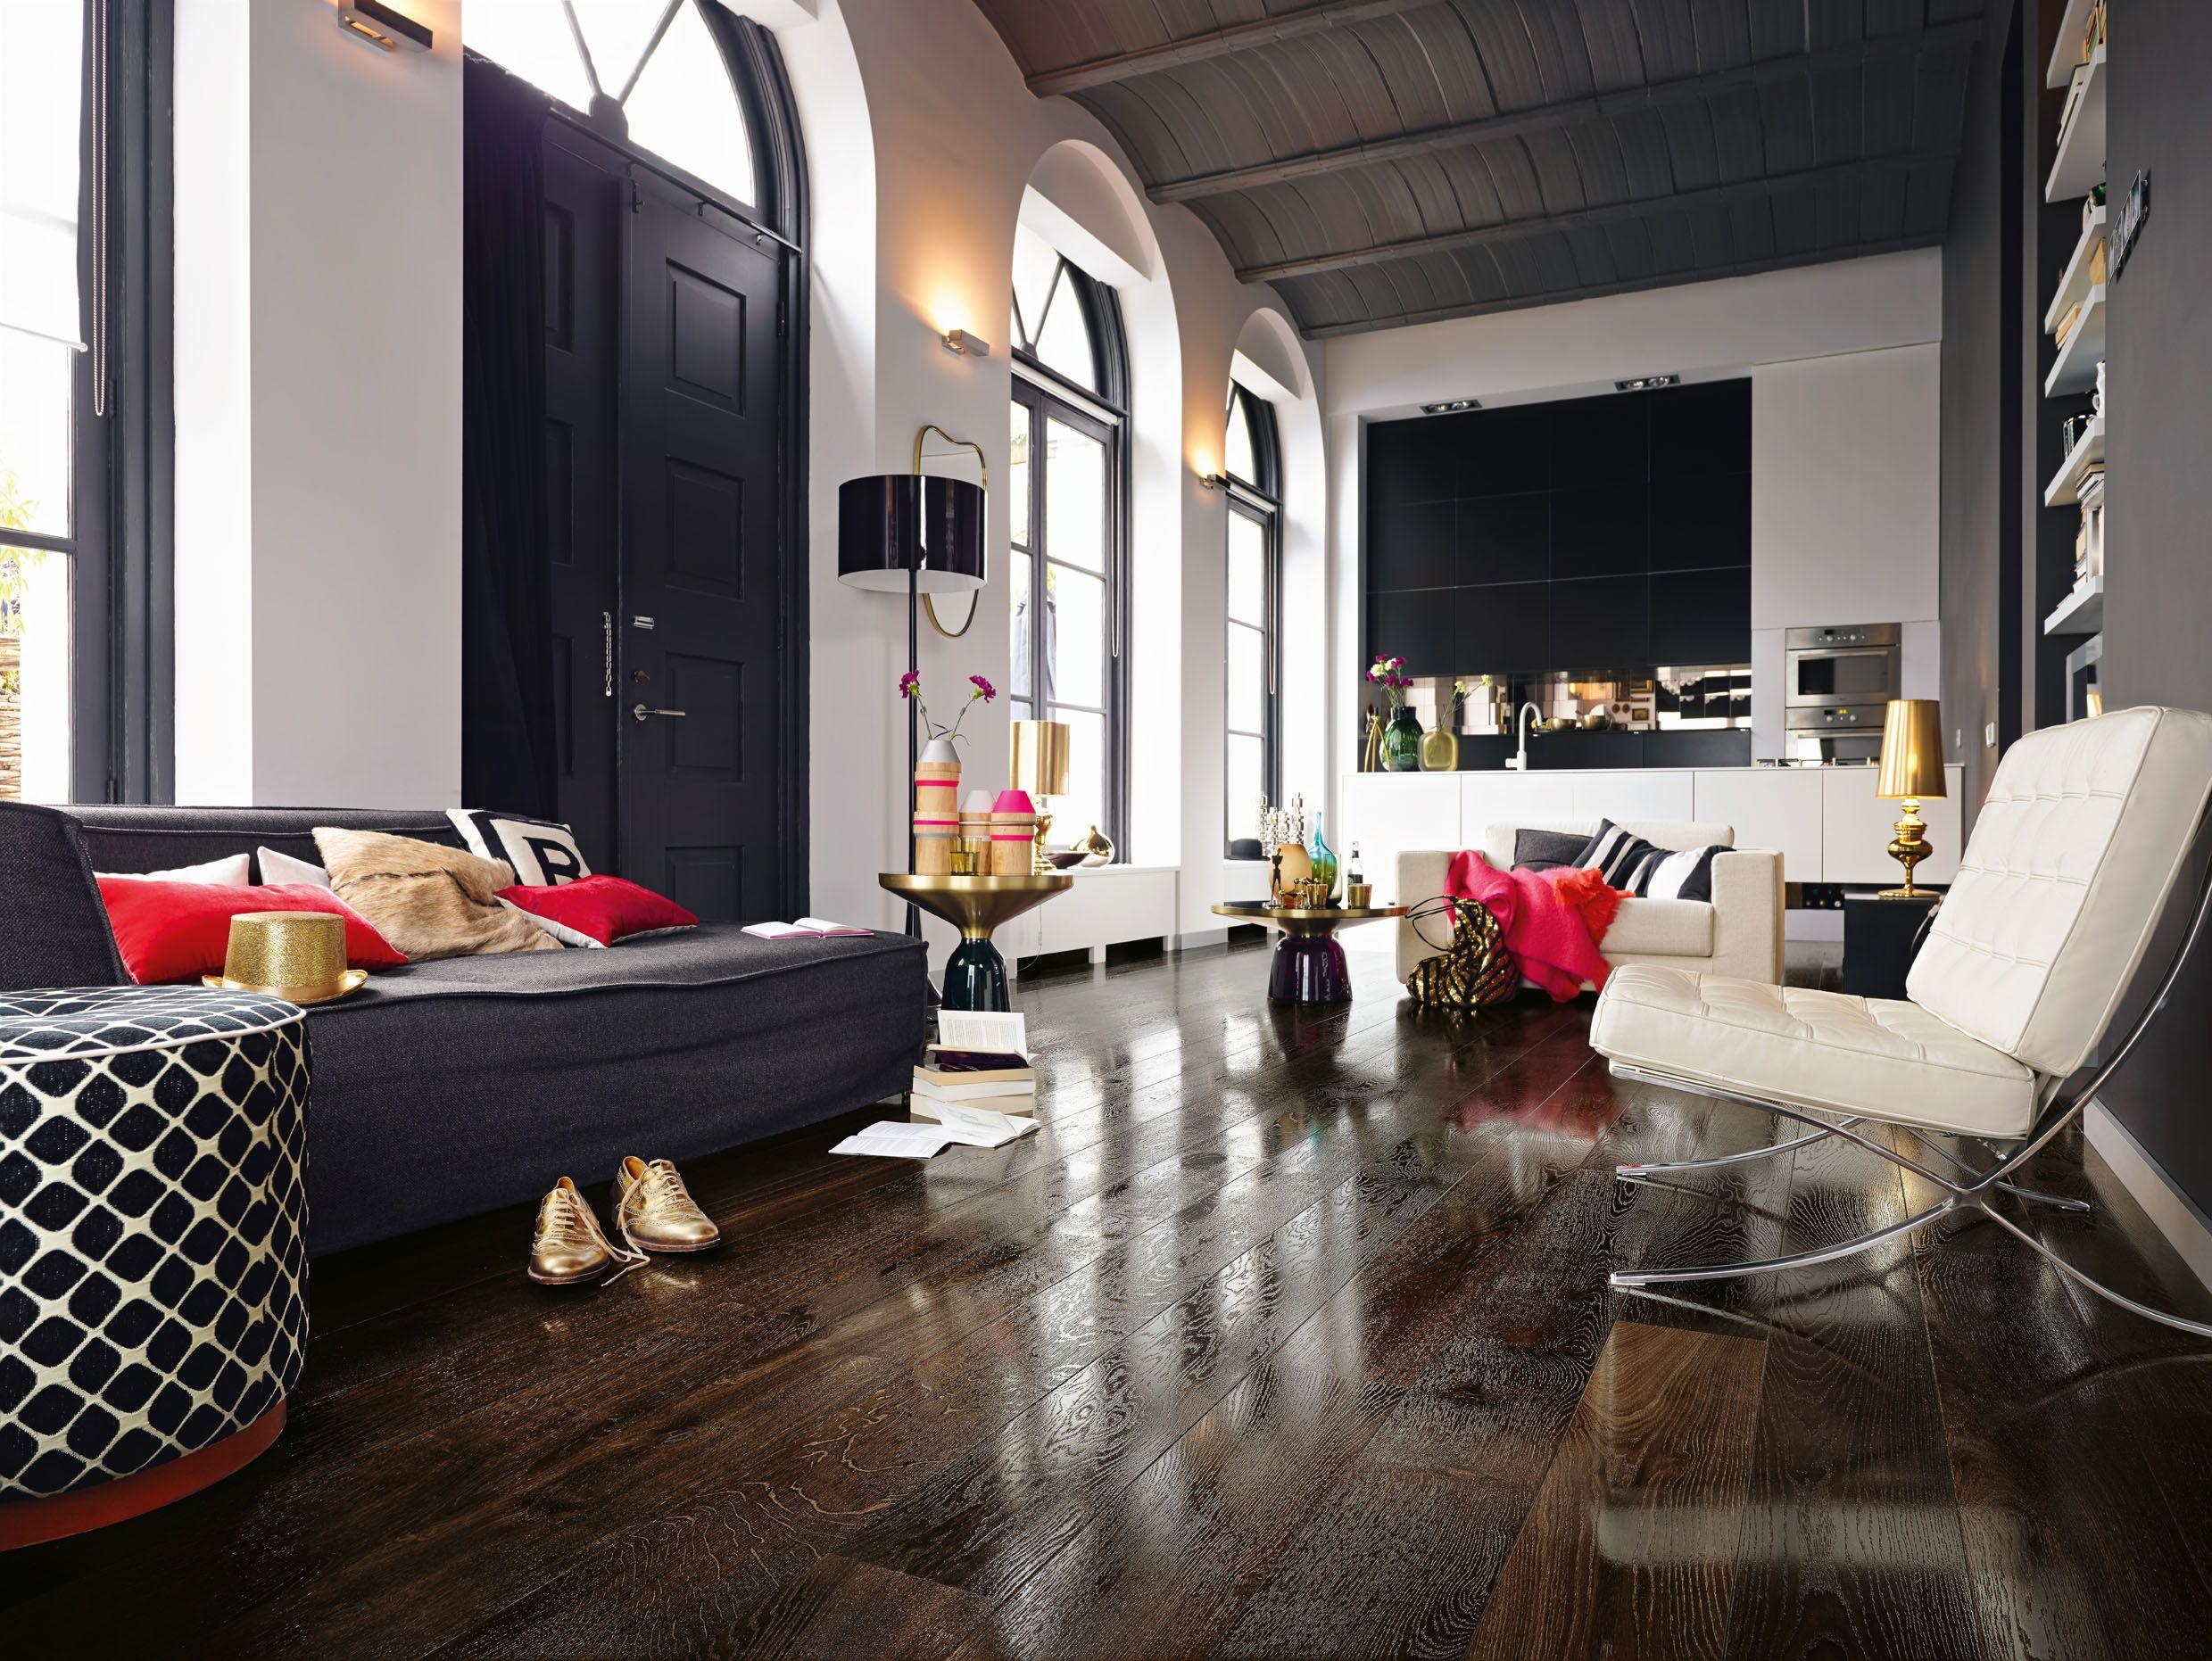 meister parkett pd 400 eiche lebhaft kernger uchert 8303 geb rstet hochglanzlackiert. Black Bedroom Furniture Sets. Home Design Ideas